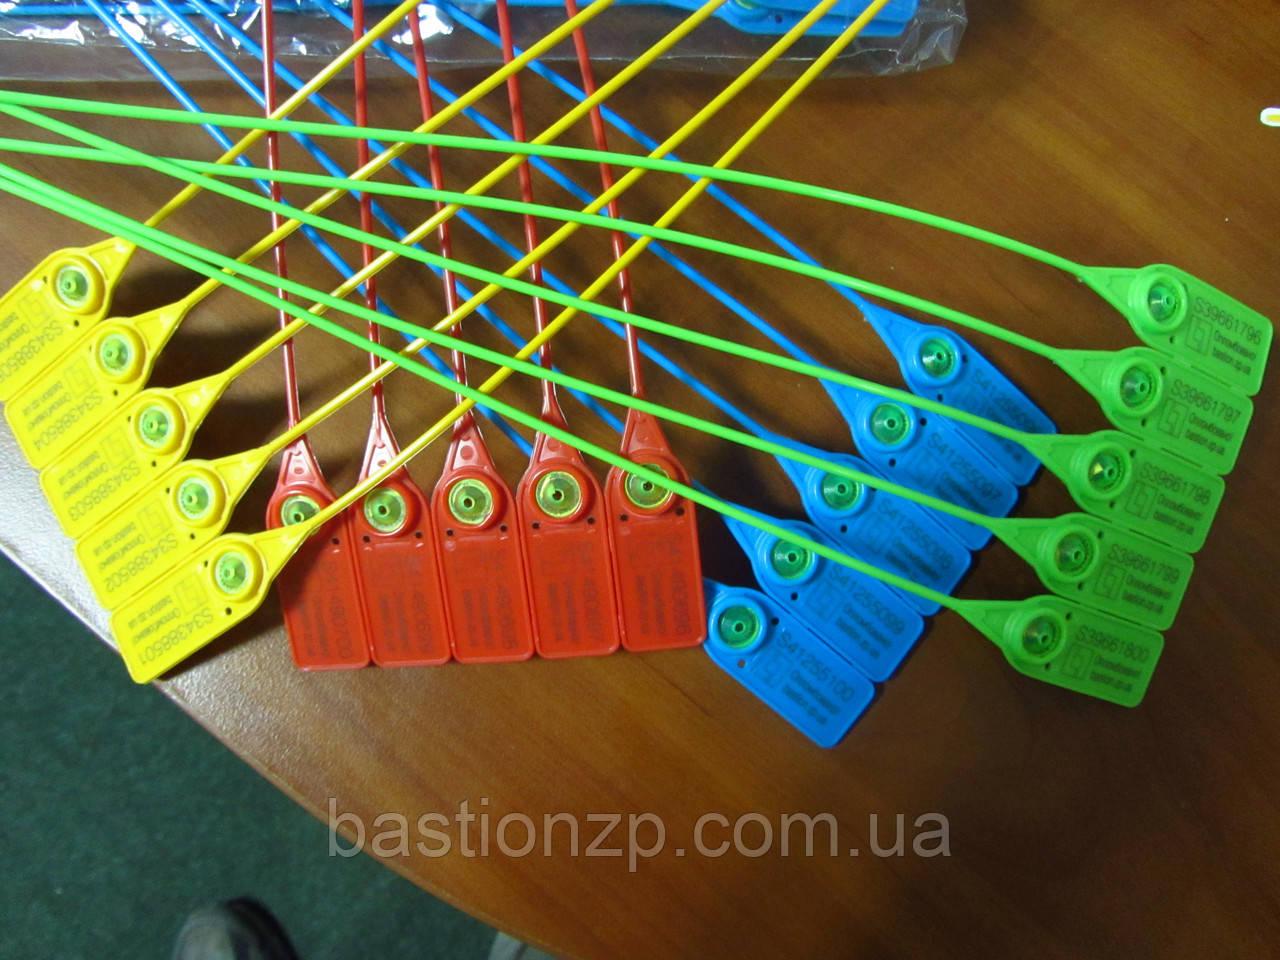 Номерная пластиковая пломба Стрела для транспорта  от производителя